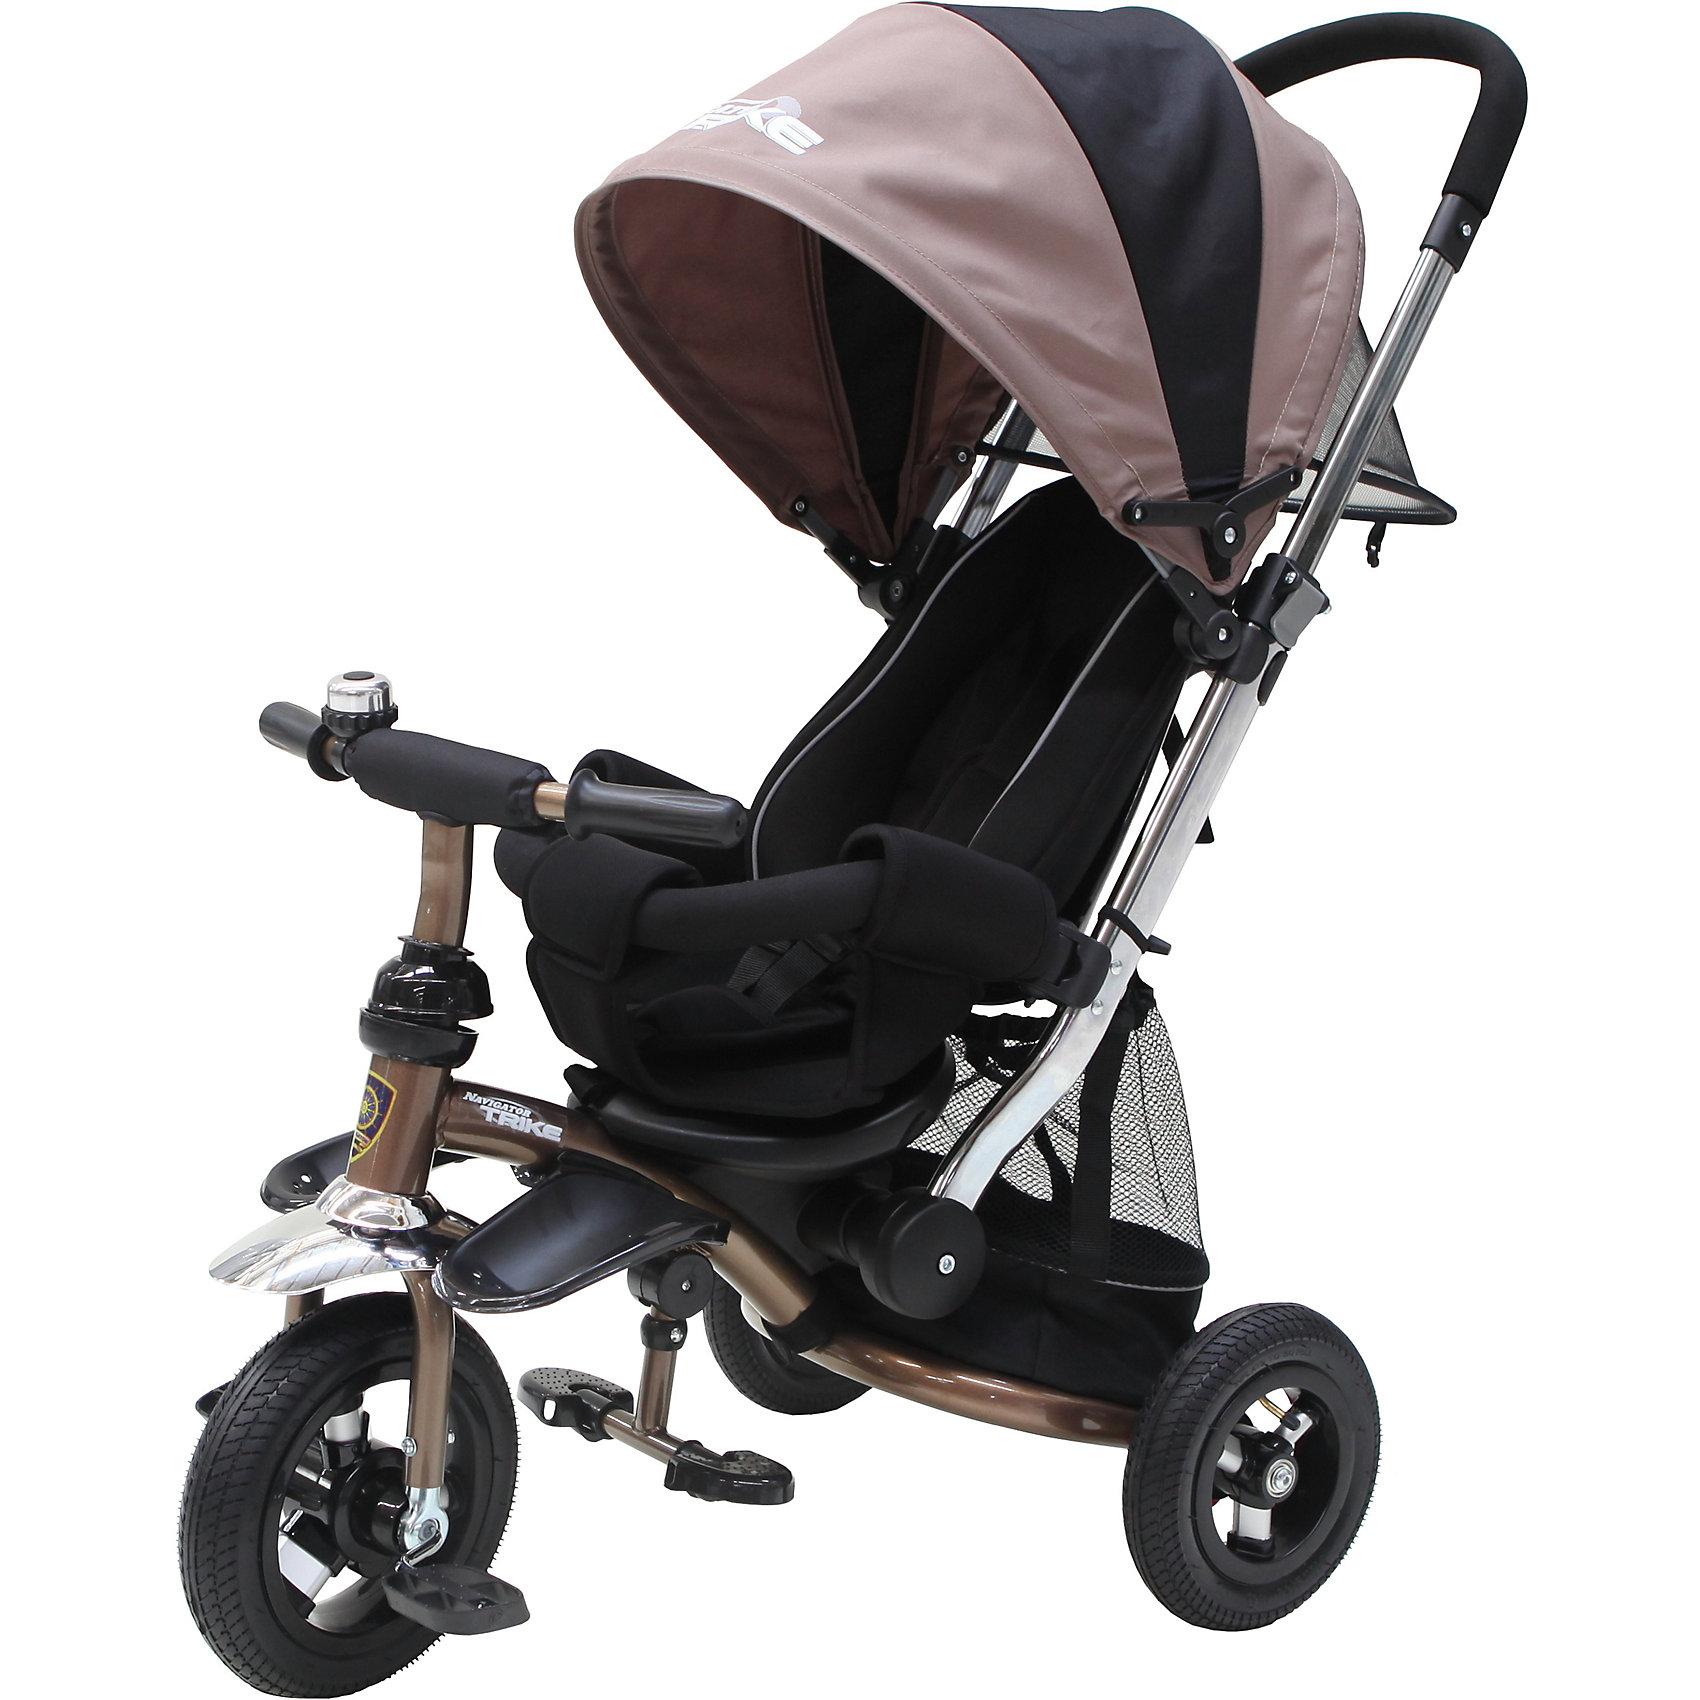 Трехколесный велосипед Navigator, кофейно-черныйКто из малышей не любит кататься на велосипеде?! Сделать катание веселее поможет этот велосипед. На велосипеде есть ручка для родителей, управление рулем, подставки для ног, переднее крыло, ремни безопасности, страховочный обод, козырек и многое другое. <br>Этот велосипед обязательно порадует ребенка! Катание на нем помогают детям развивать чувство равновесия. Велосипед сделан из качественных и безопасных для ребенка материалов.<br><br>Дополнительная информация:<br><br>цвет: кофейно-черный;<br>размер: 60 х 40 х 27 см;<br>вес: 12 кг;<br>управление рулем;<br>подставки для ног;<br>ремни безопасности;<br>страховочный обод;<br>козырек;<br>задняя корзина;<br>диаметр колес: 10 -  8 дюймов;<br>материал: пластик, металл, текстиль.<br><br>Детский трехколесный велосипед, Navigator, можно купить в нашем магазине.<br><br>Ширина мм: 620<br>Глубина мм: 290<br>Высота мм: 400<br>Вес г: 12400<br>Возраст от месяцев: 12<br>Возраст до месяцев: 2147483647<br>Пол: Унисекс<br>Возраст: Детский<br>SKU: 4916420